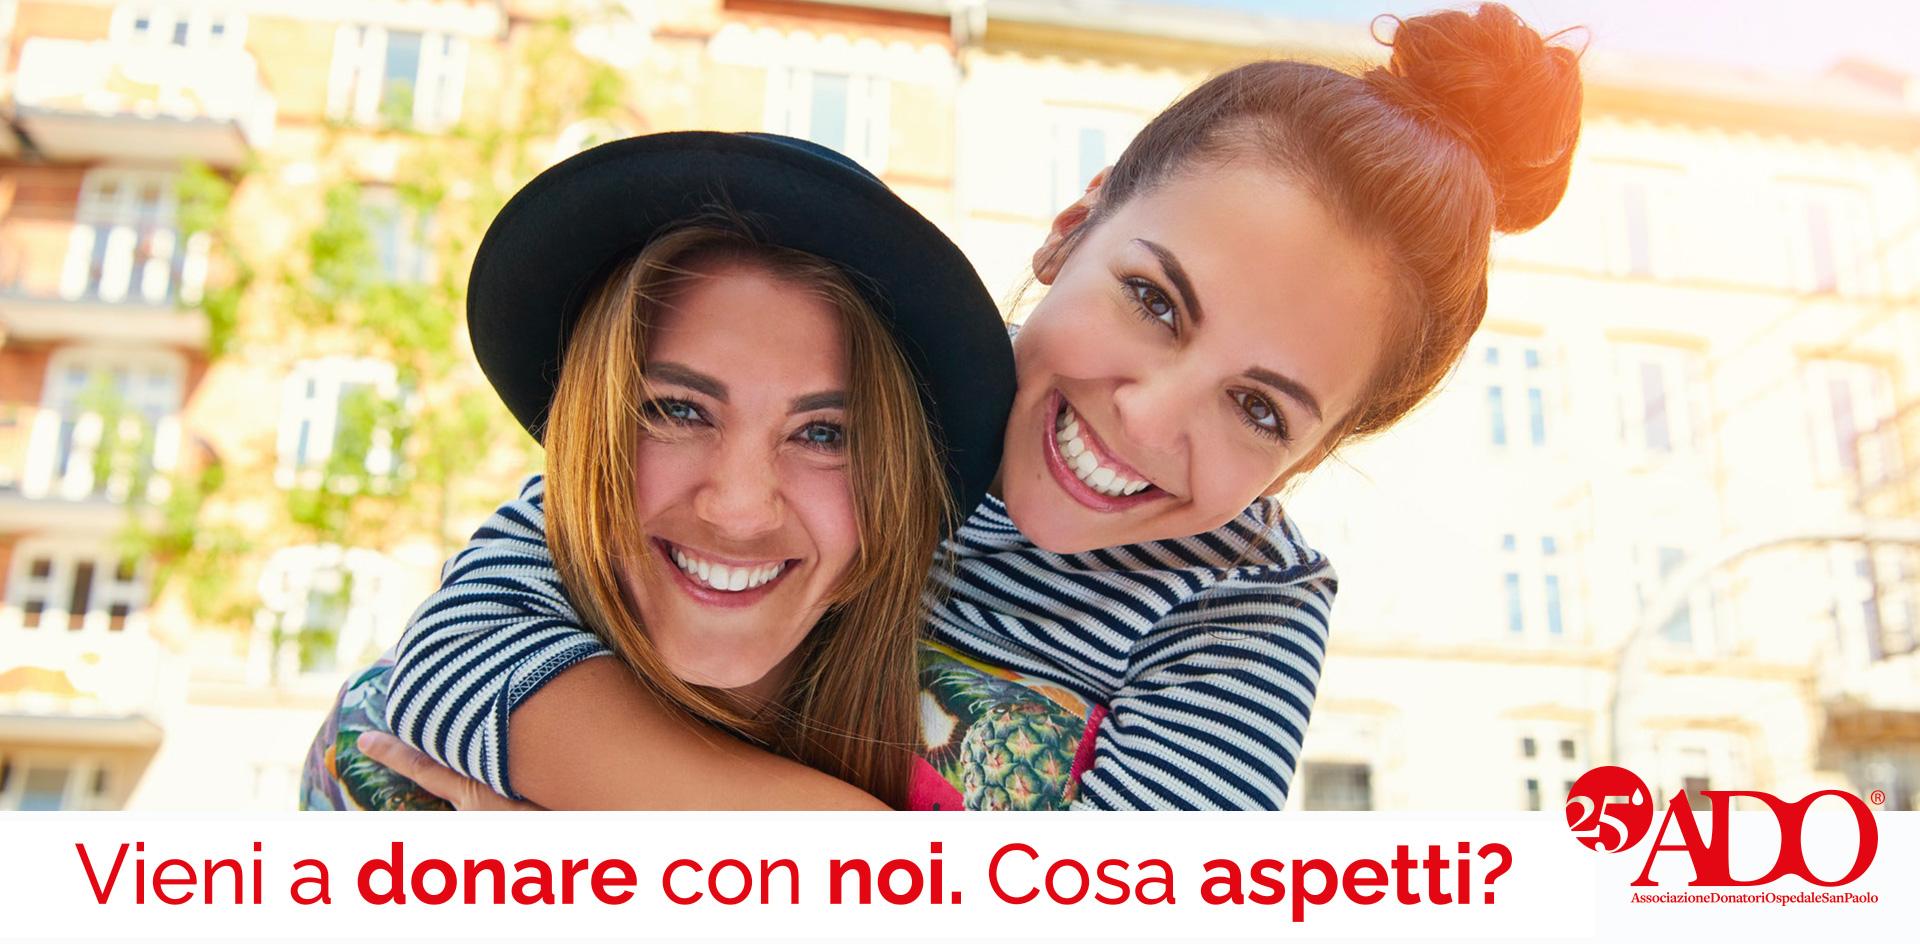 top-banner-sito-donazione-ottobre-ado-milano